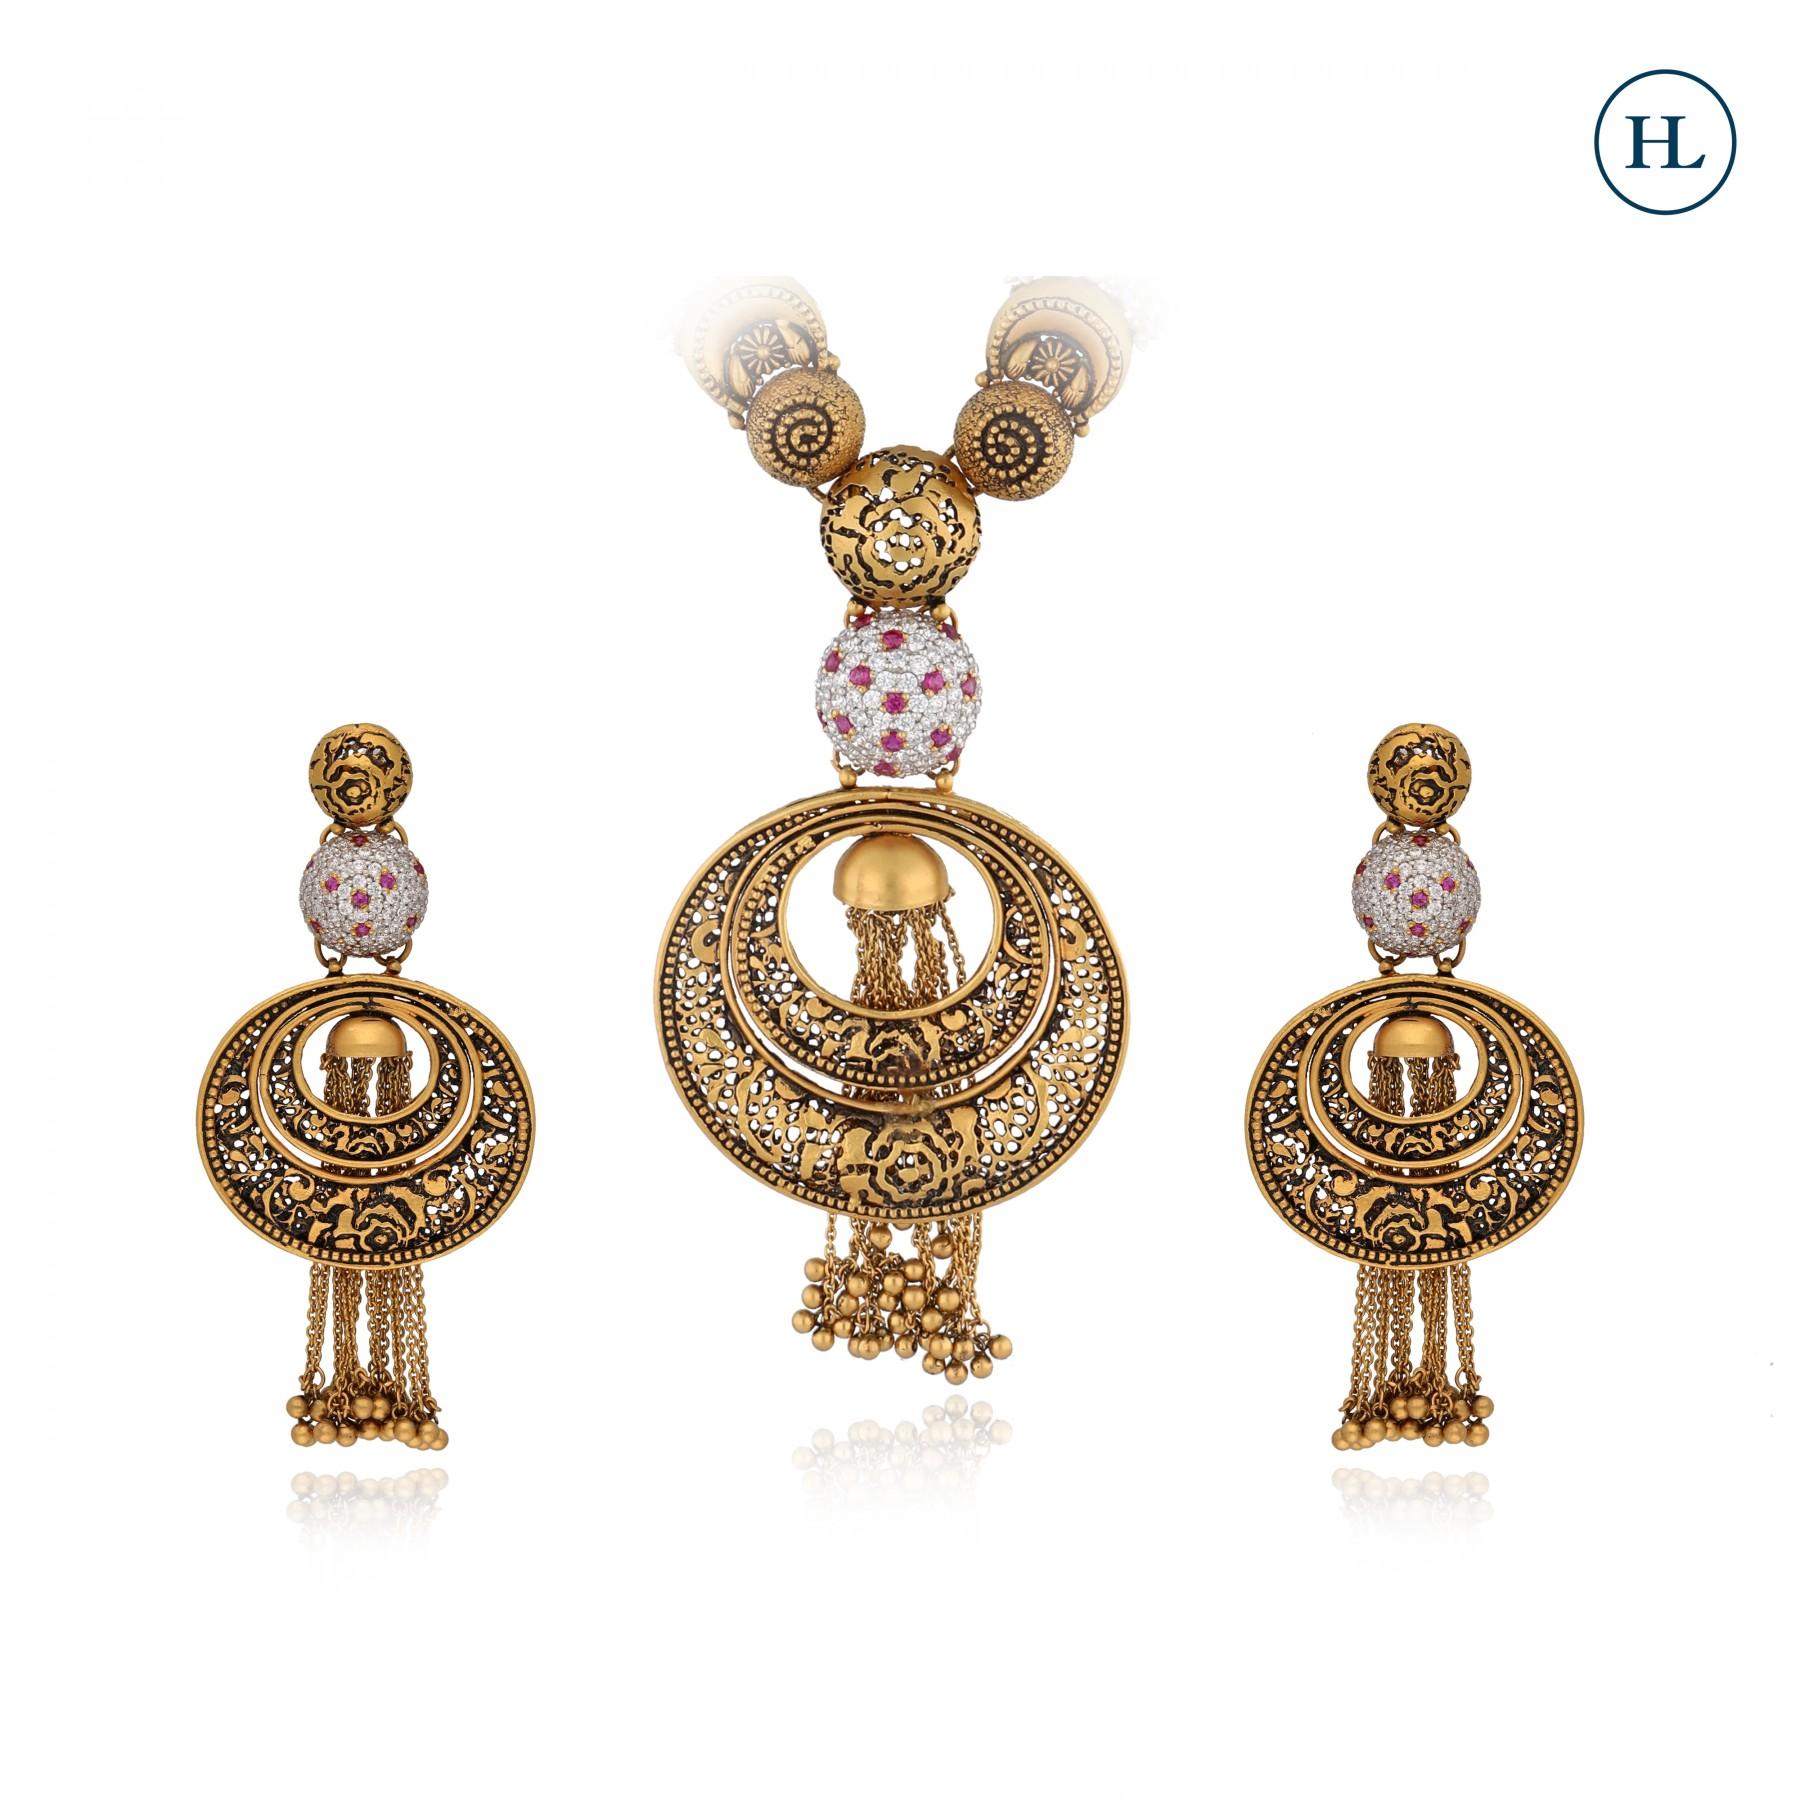 Oxidised Gold Pendant Set